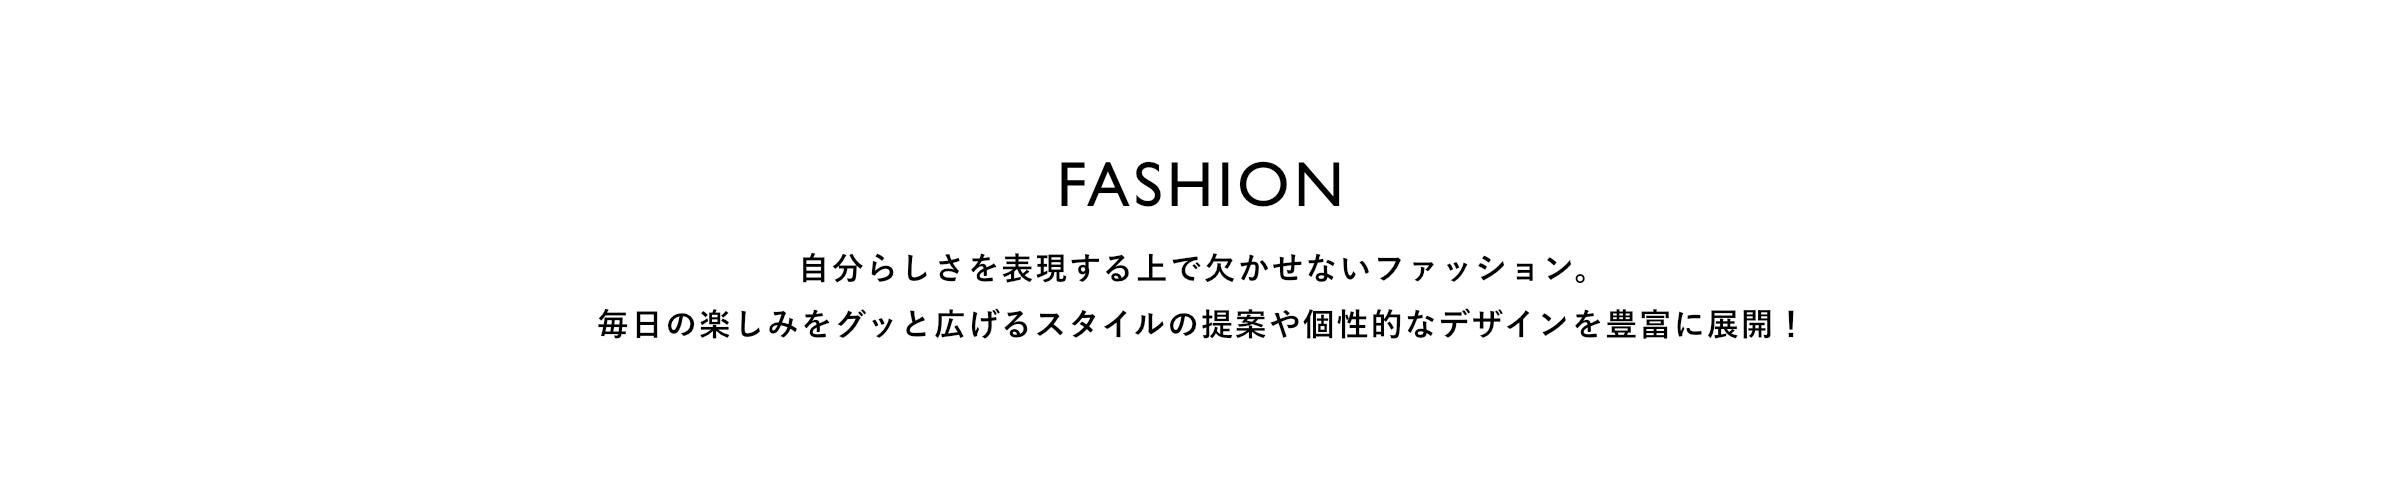 自分らしさを表現する上で 欠かせないファッション